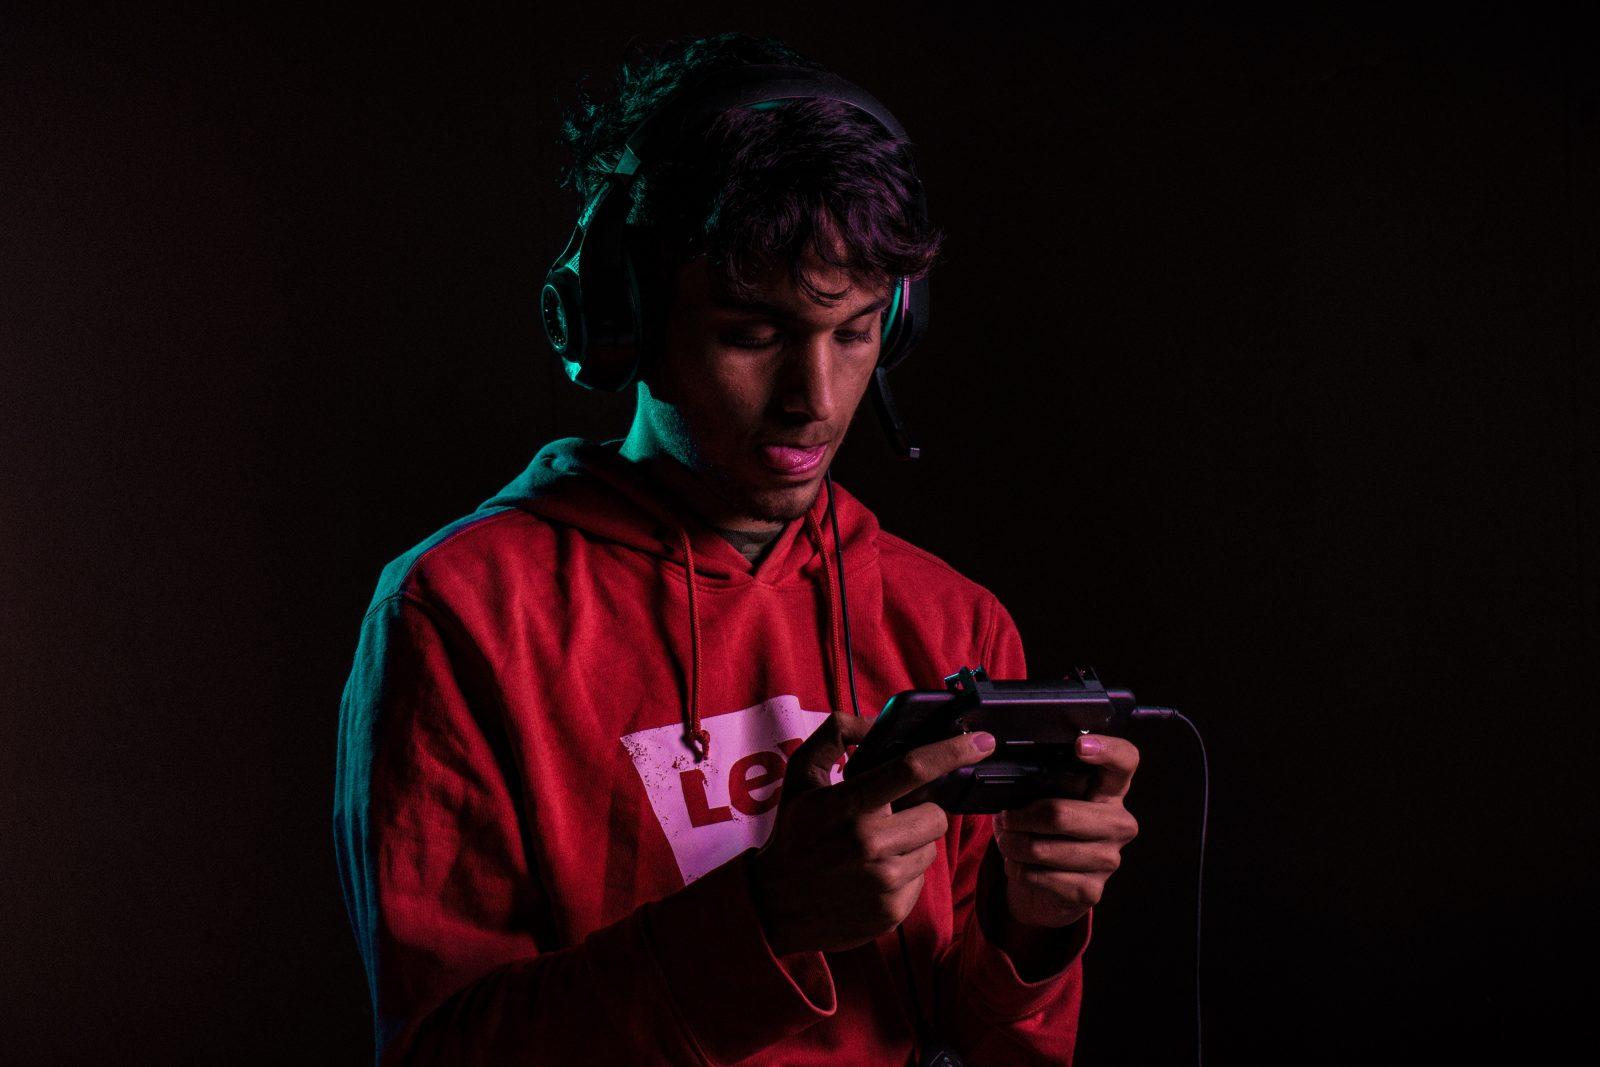 Tummassa kuvassa seisoo mies, jolla pelikonsoli ja kuulokkeet.